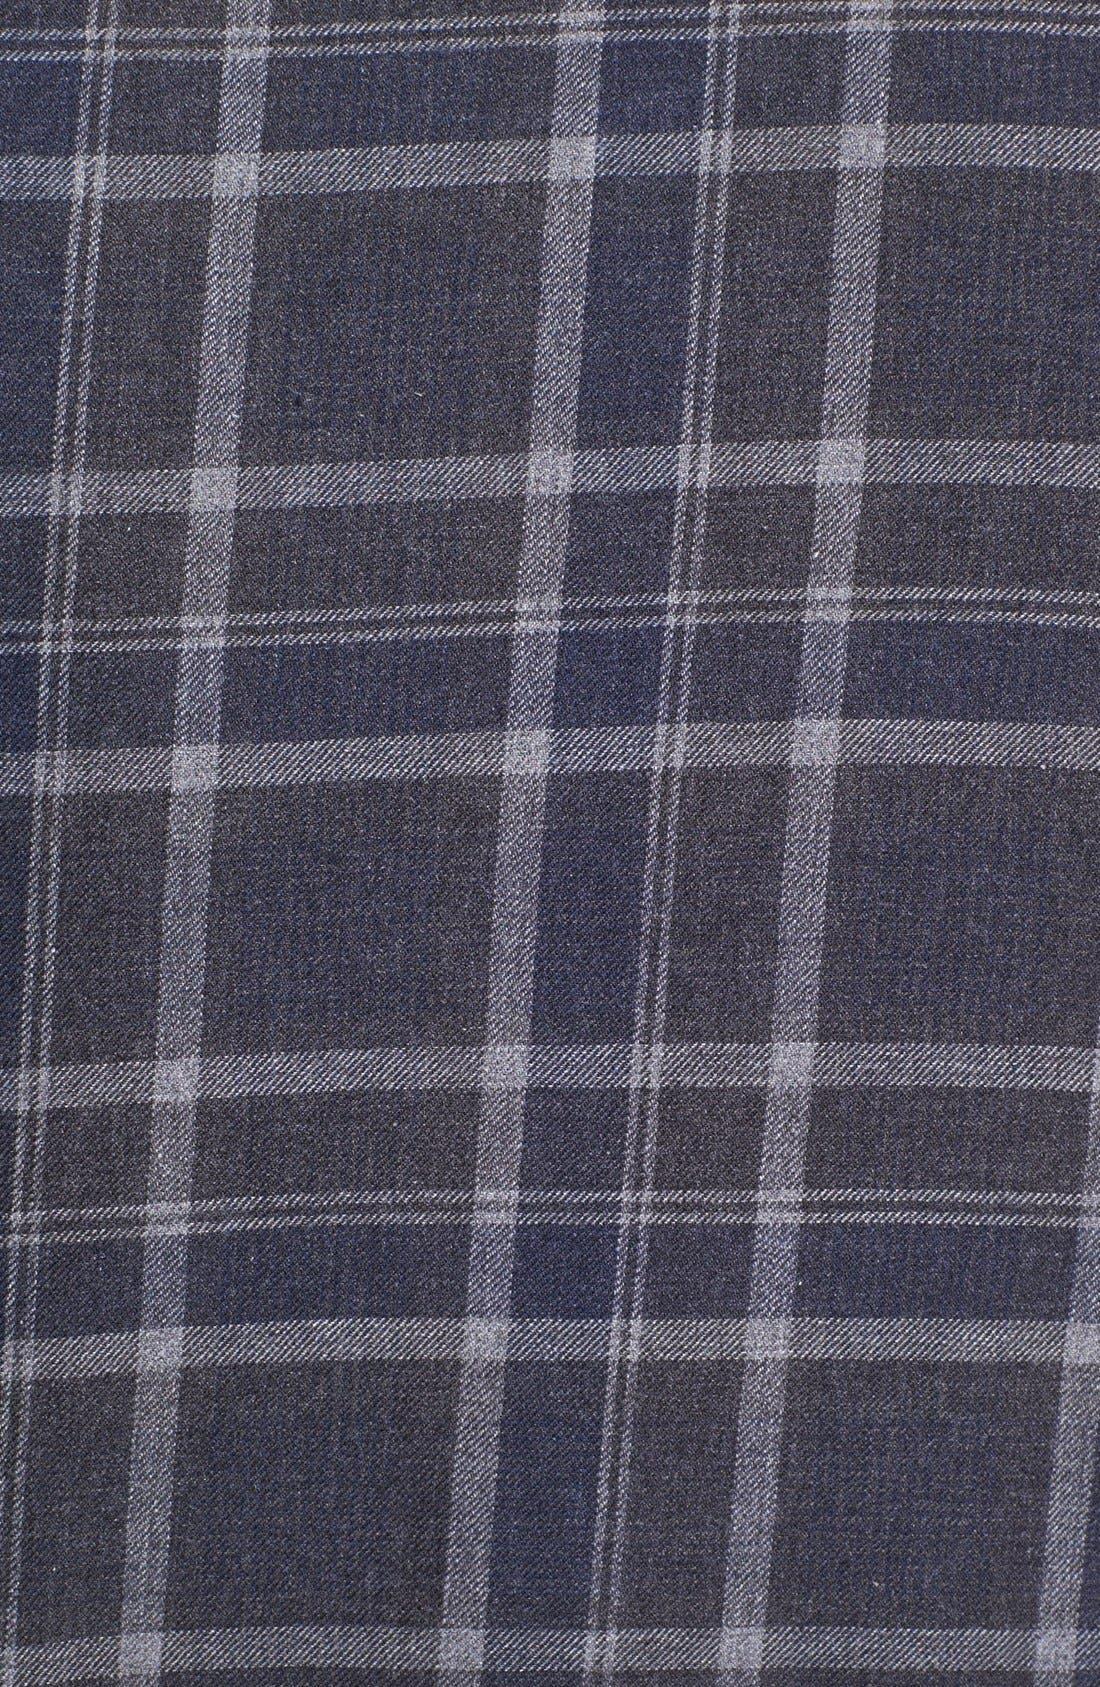 Alternate Image 3  - Edun Dip Dyed Plaid Shirt